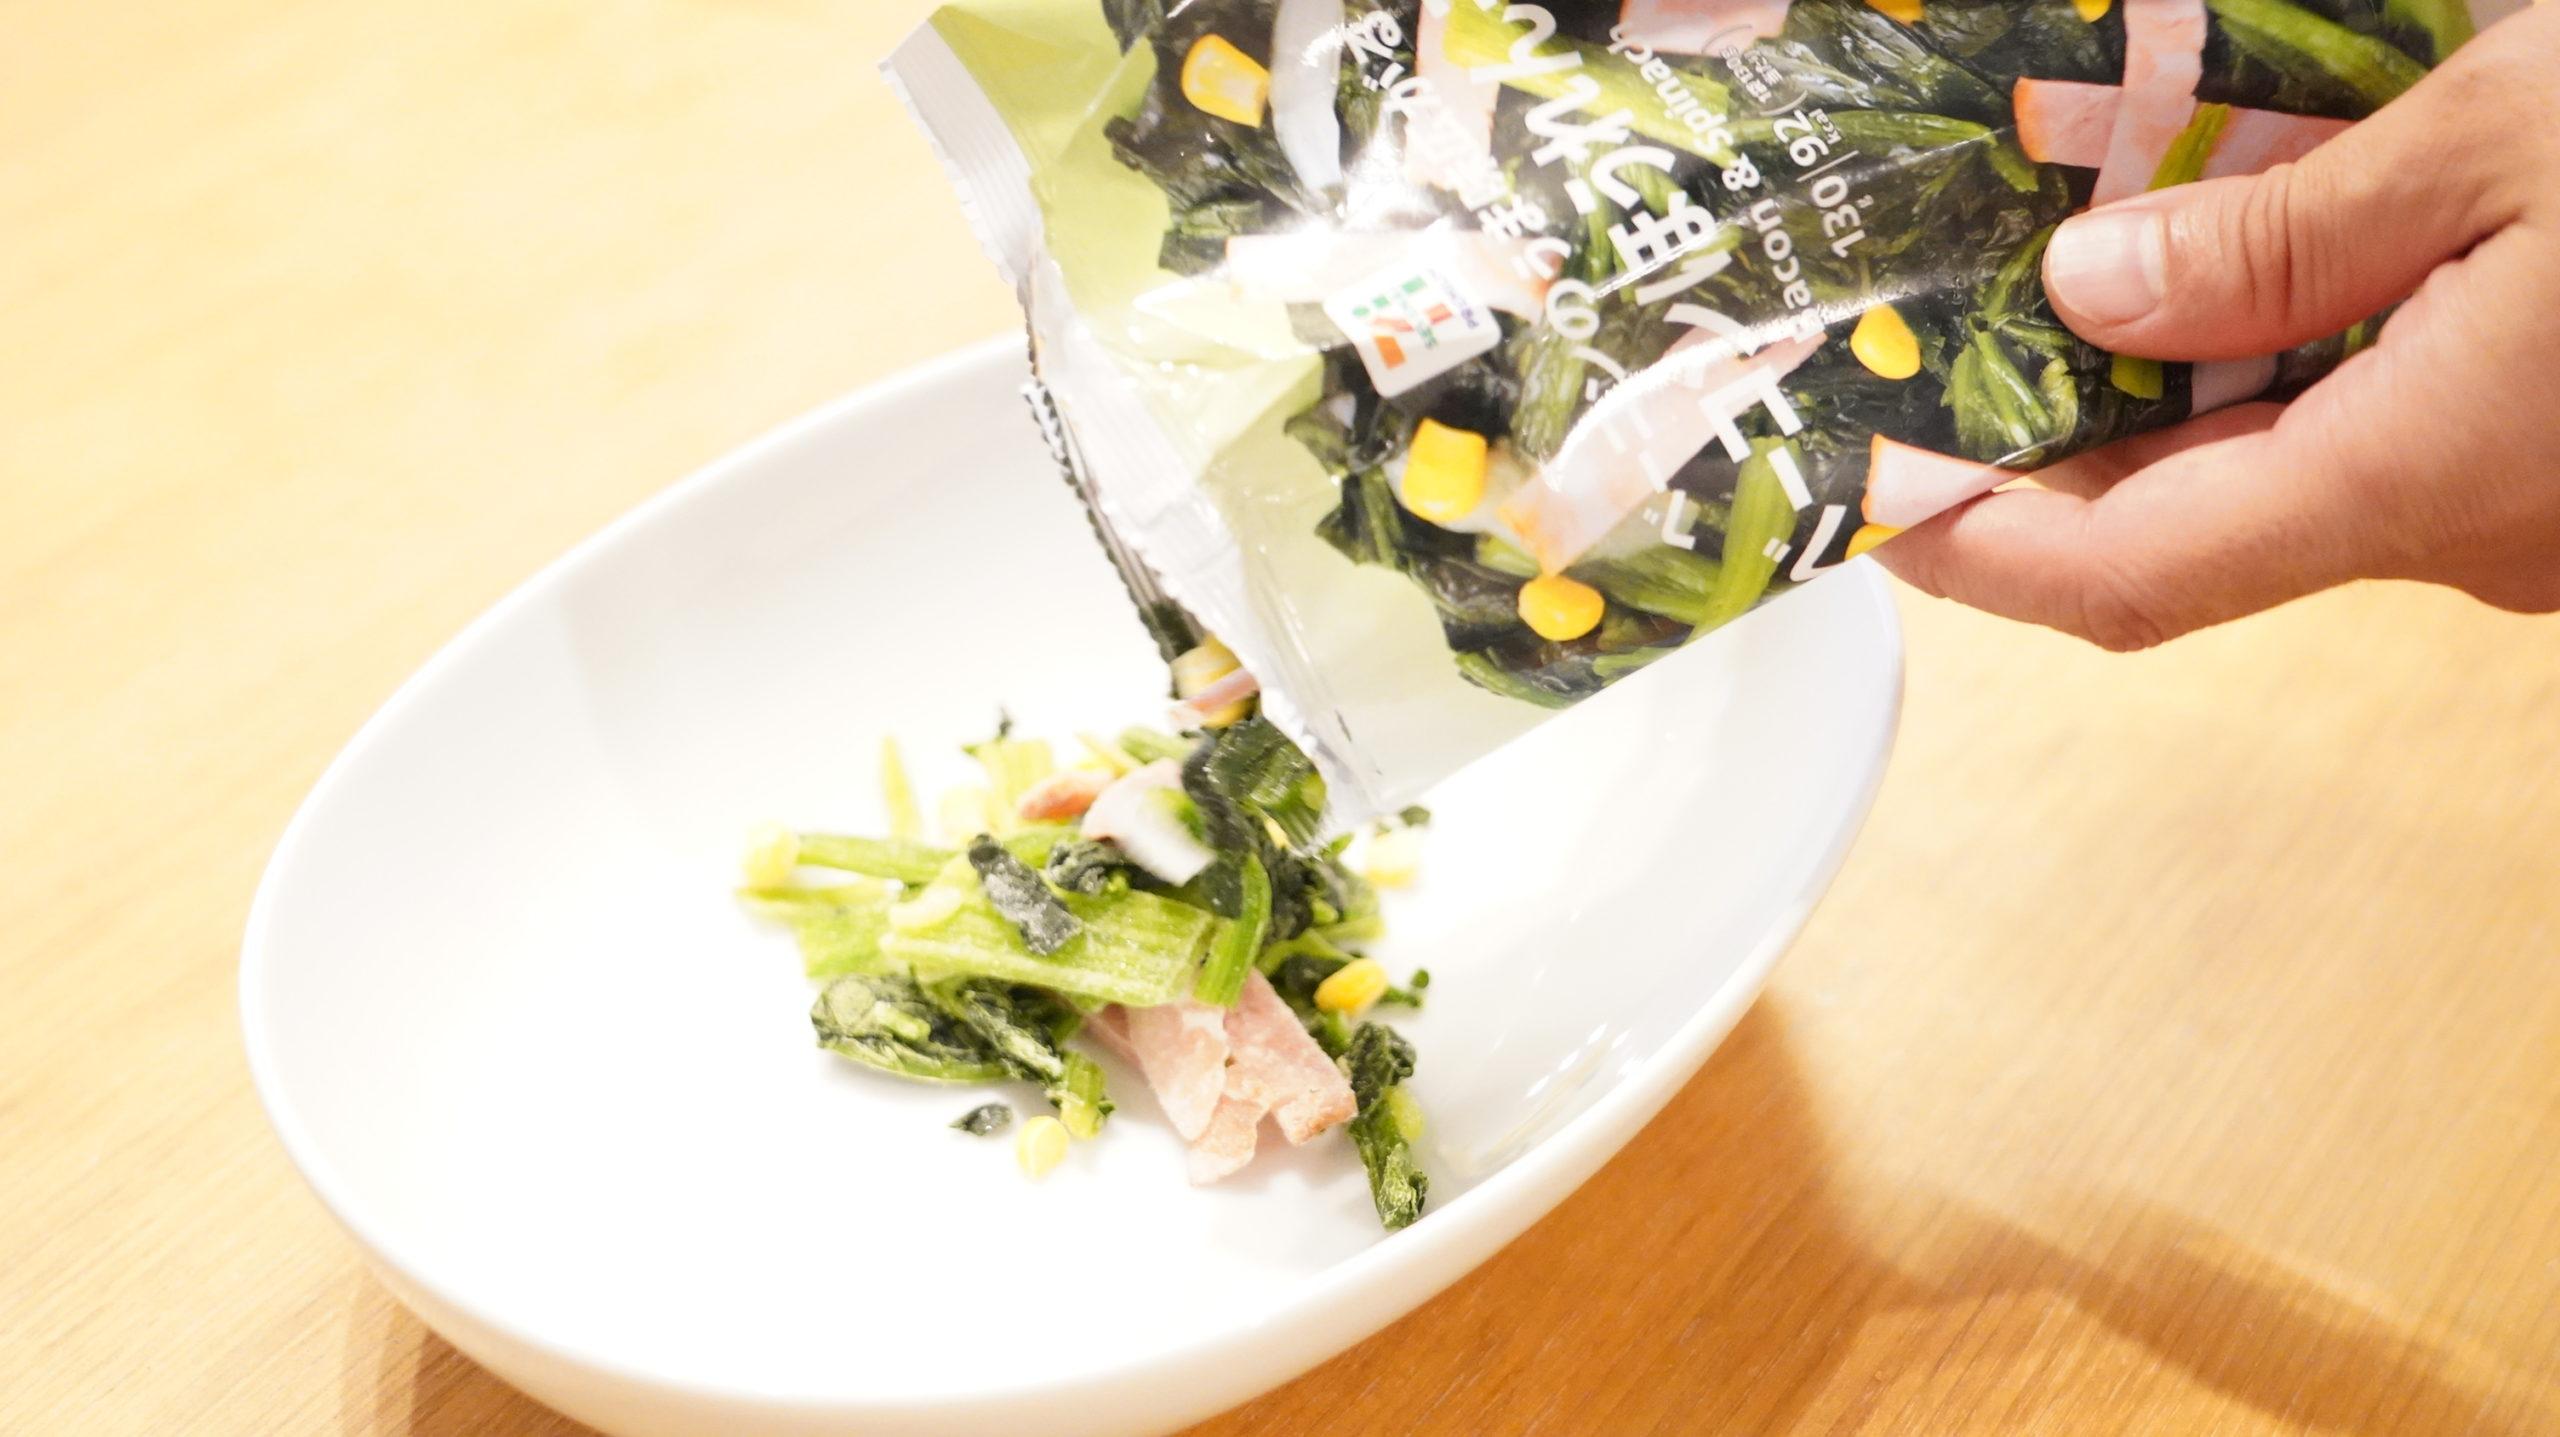 セブンイレブンの冷凍食品「ベーコンのうま味広がる・ベーコンほうれんそう」の中身の写真